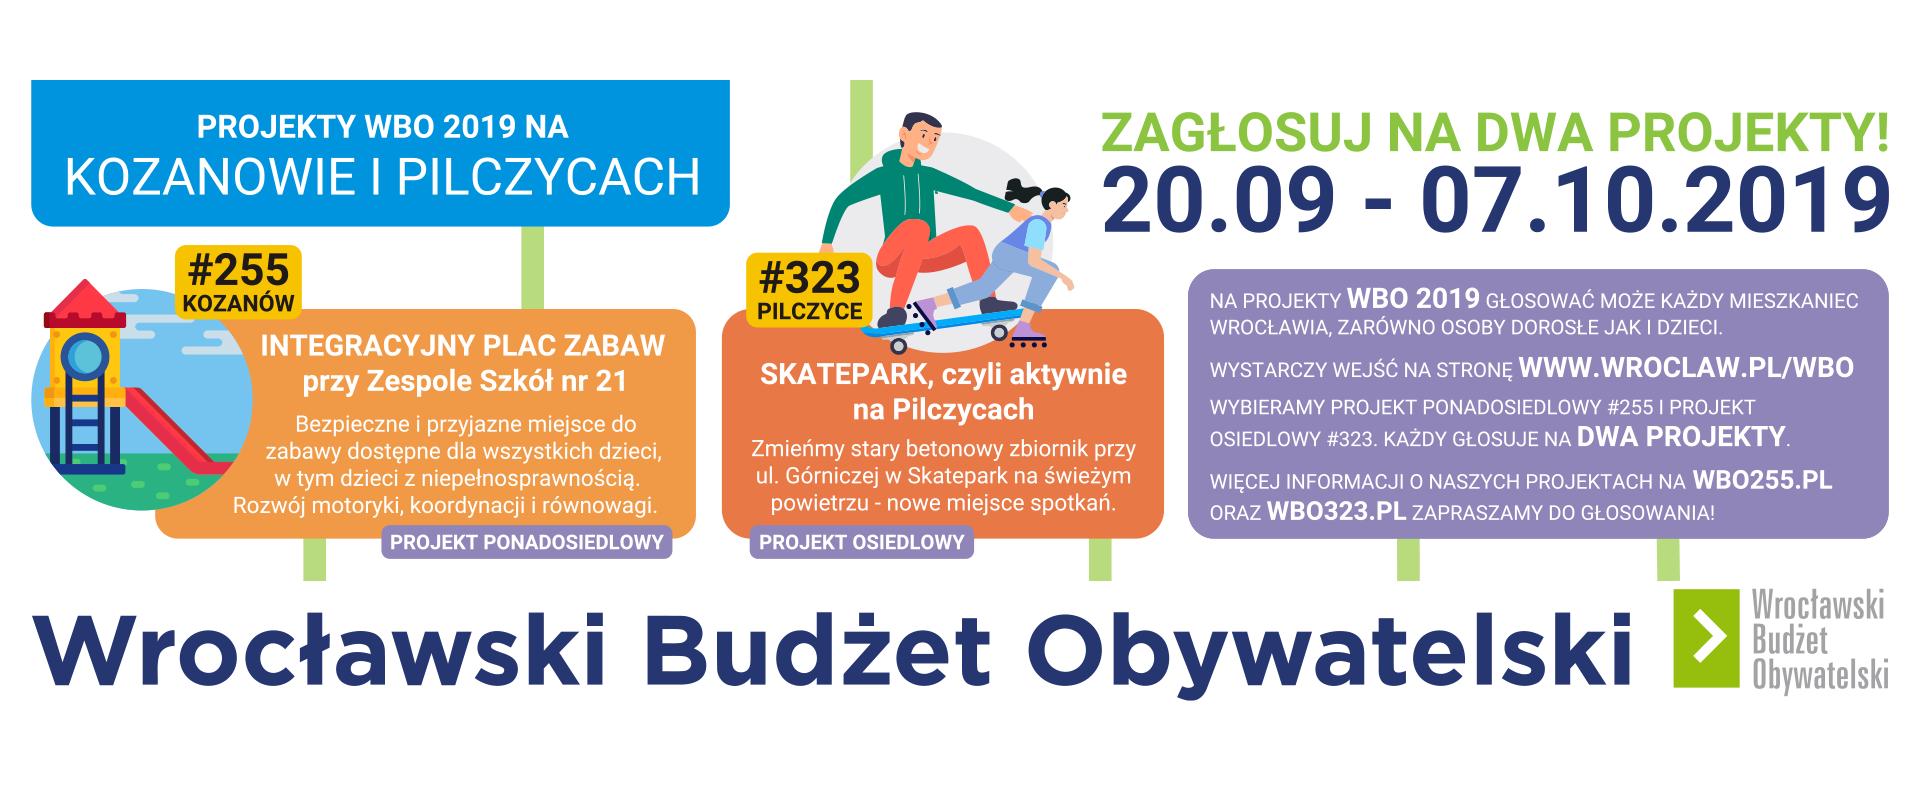 Projekty WBO'19 na Pilczycach, Kozanowie i Popowicach